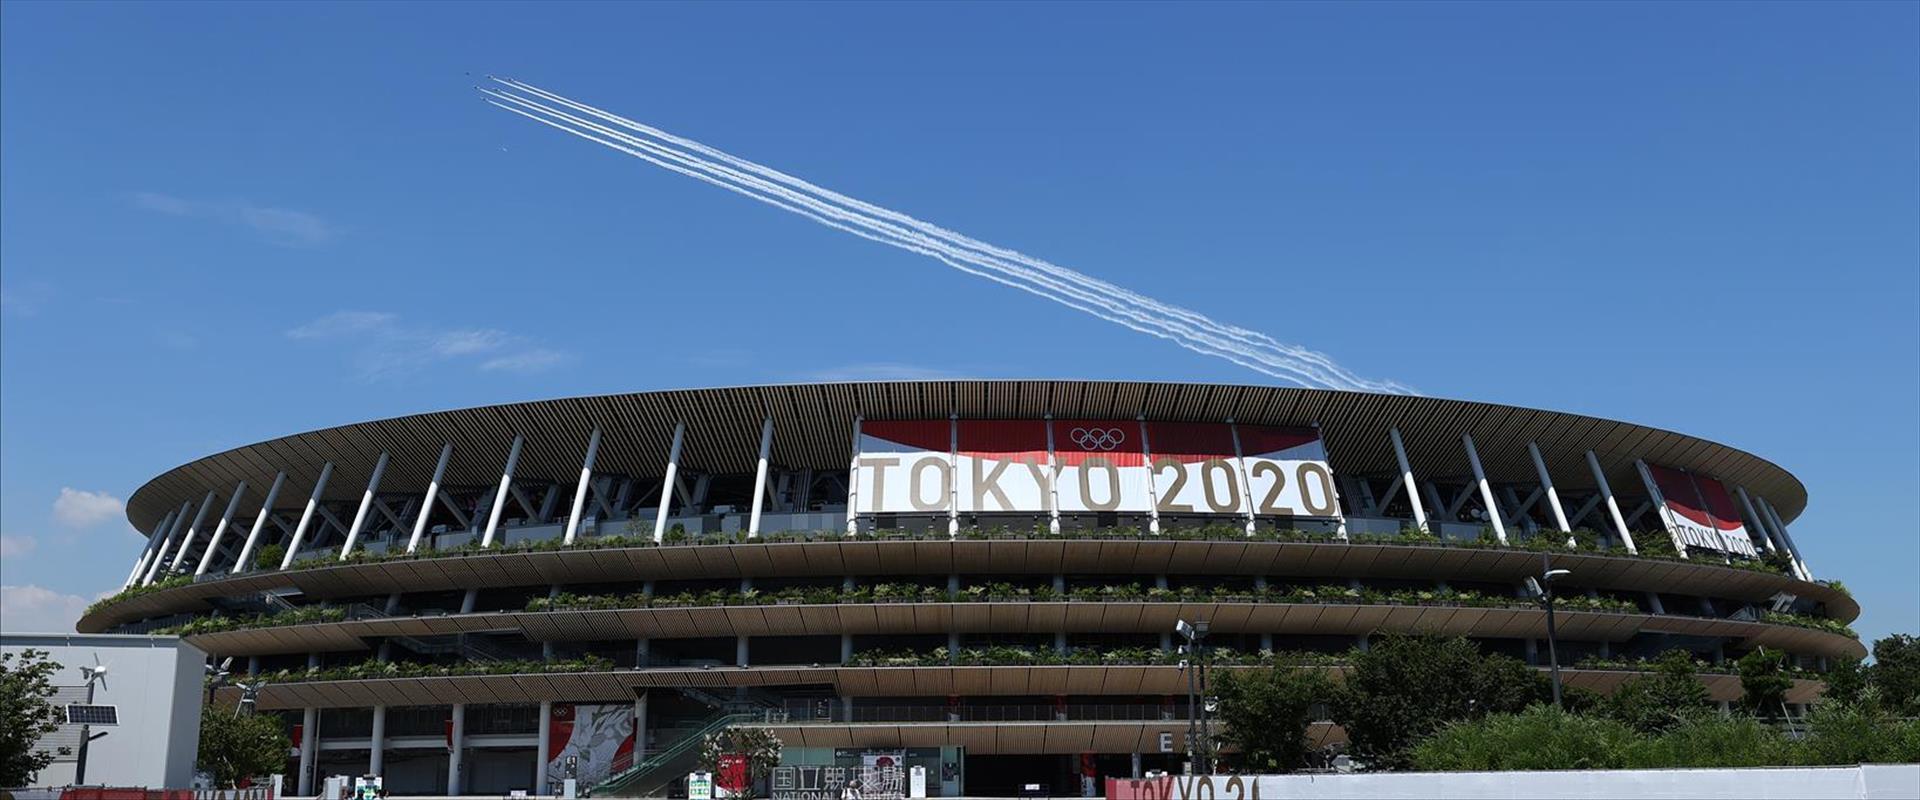 האצטדיון האולימפי טוקיו